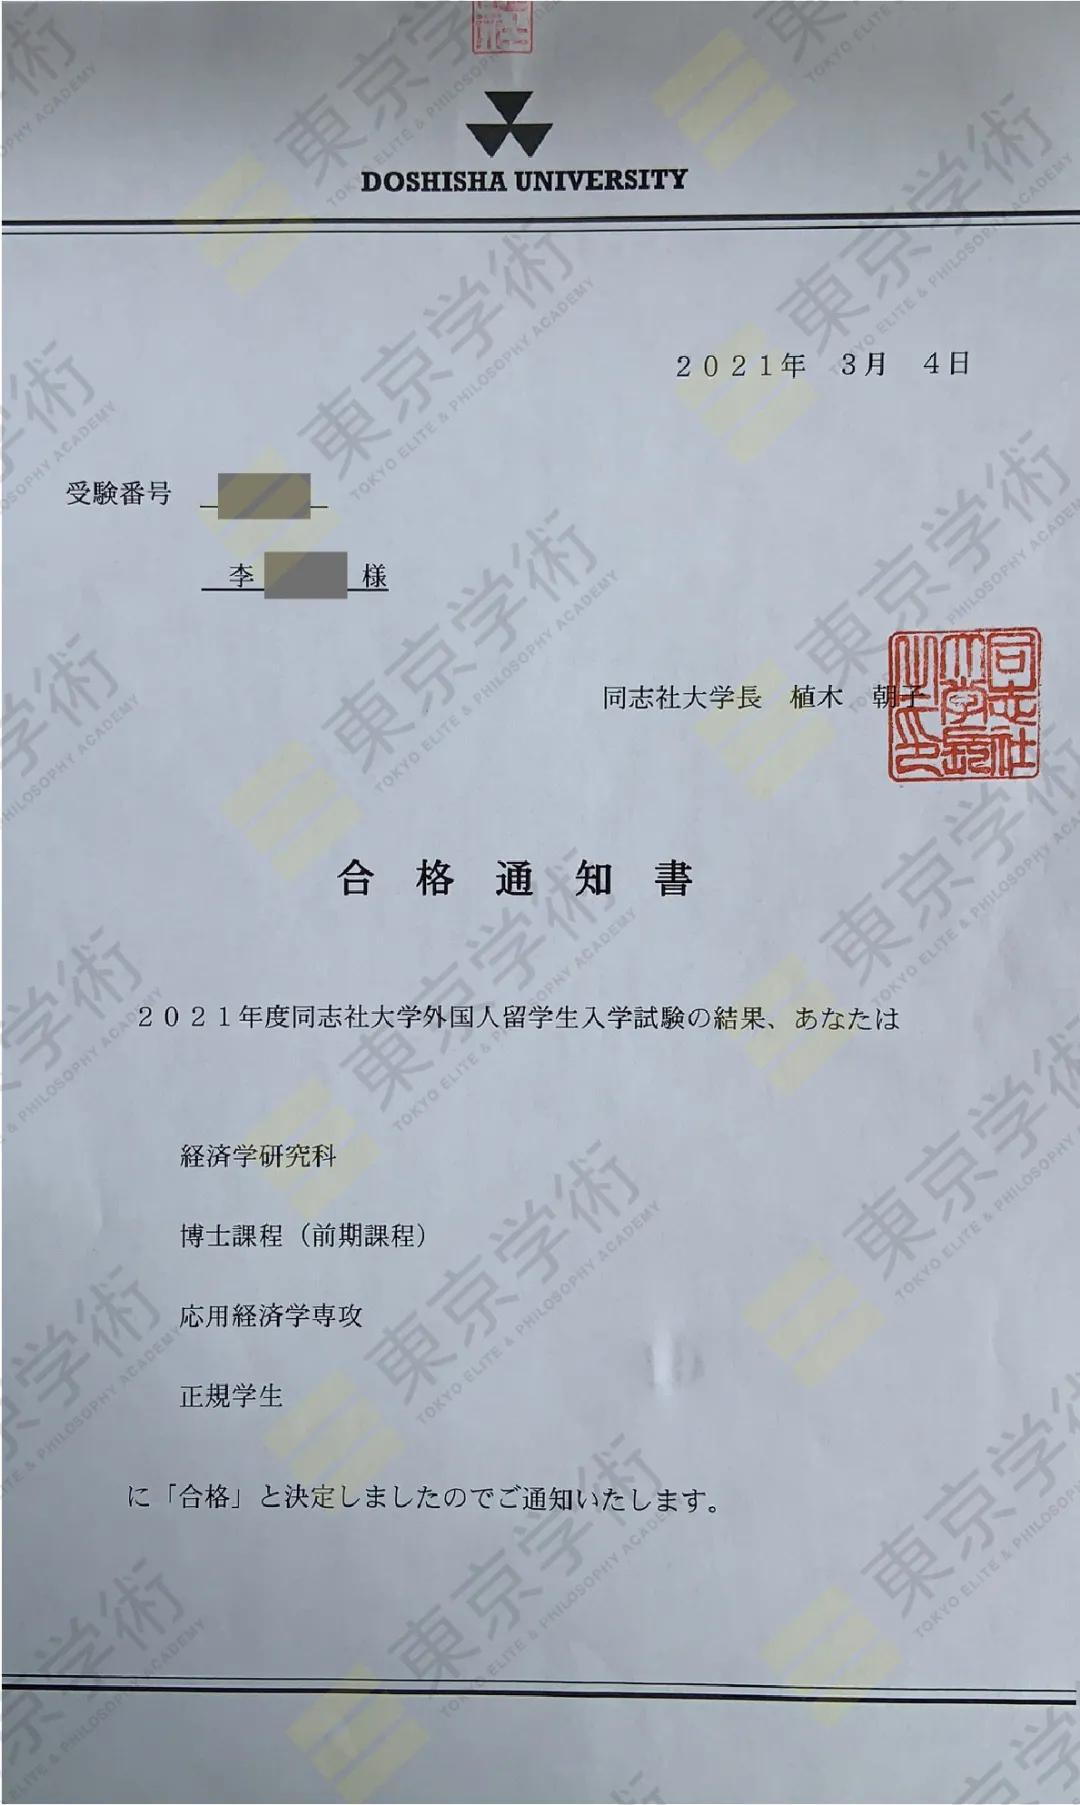 日本读研:恭喜李同学直考合格同志社大学经济学研究科